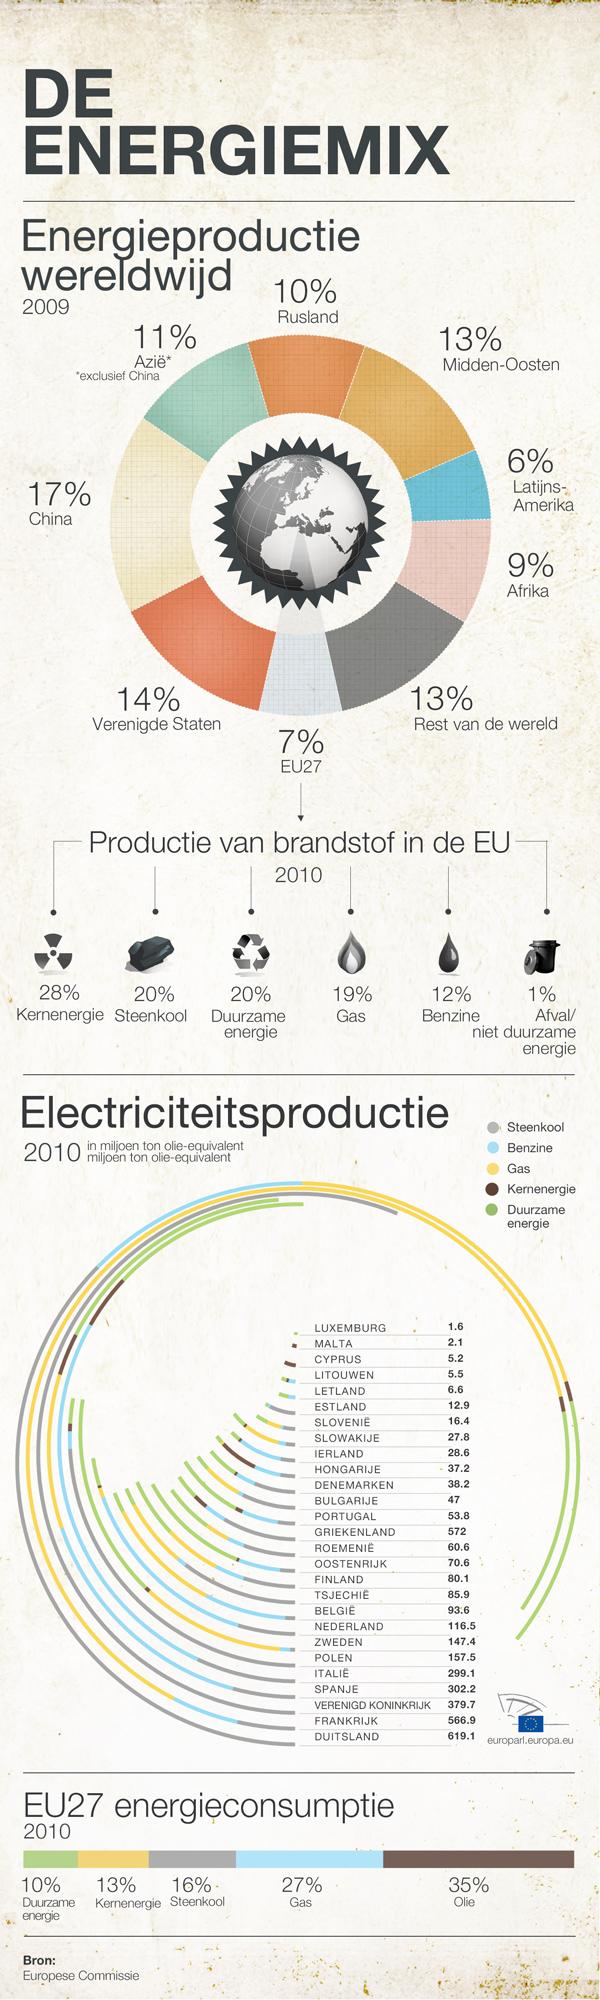 Hoe ziet de EU-energiemix er in de toekomst uit?